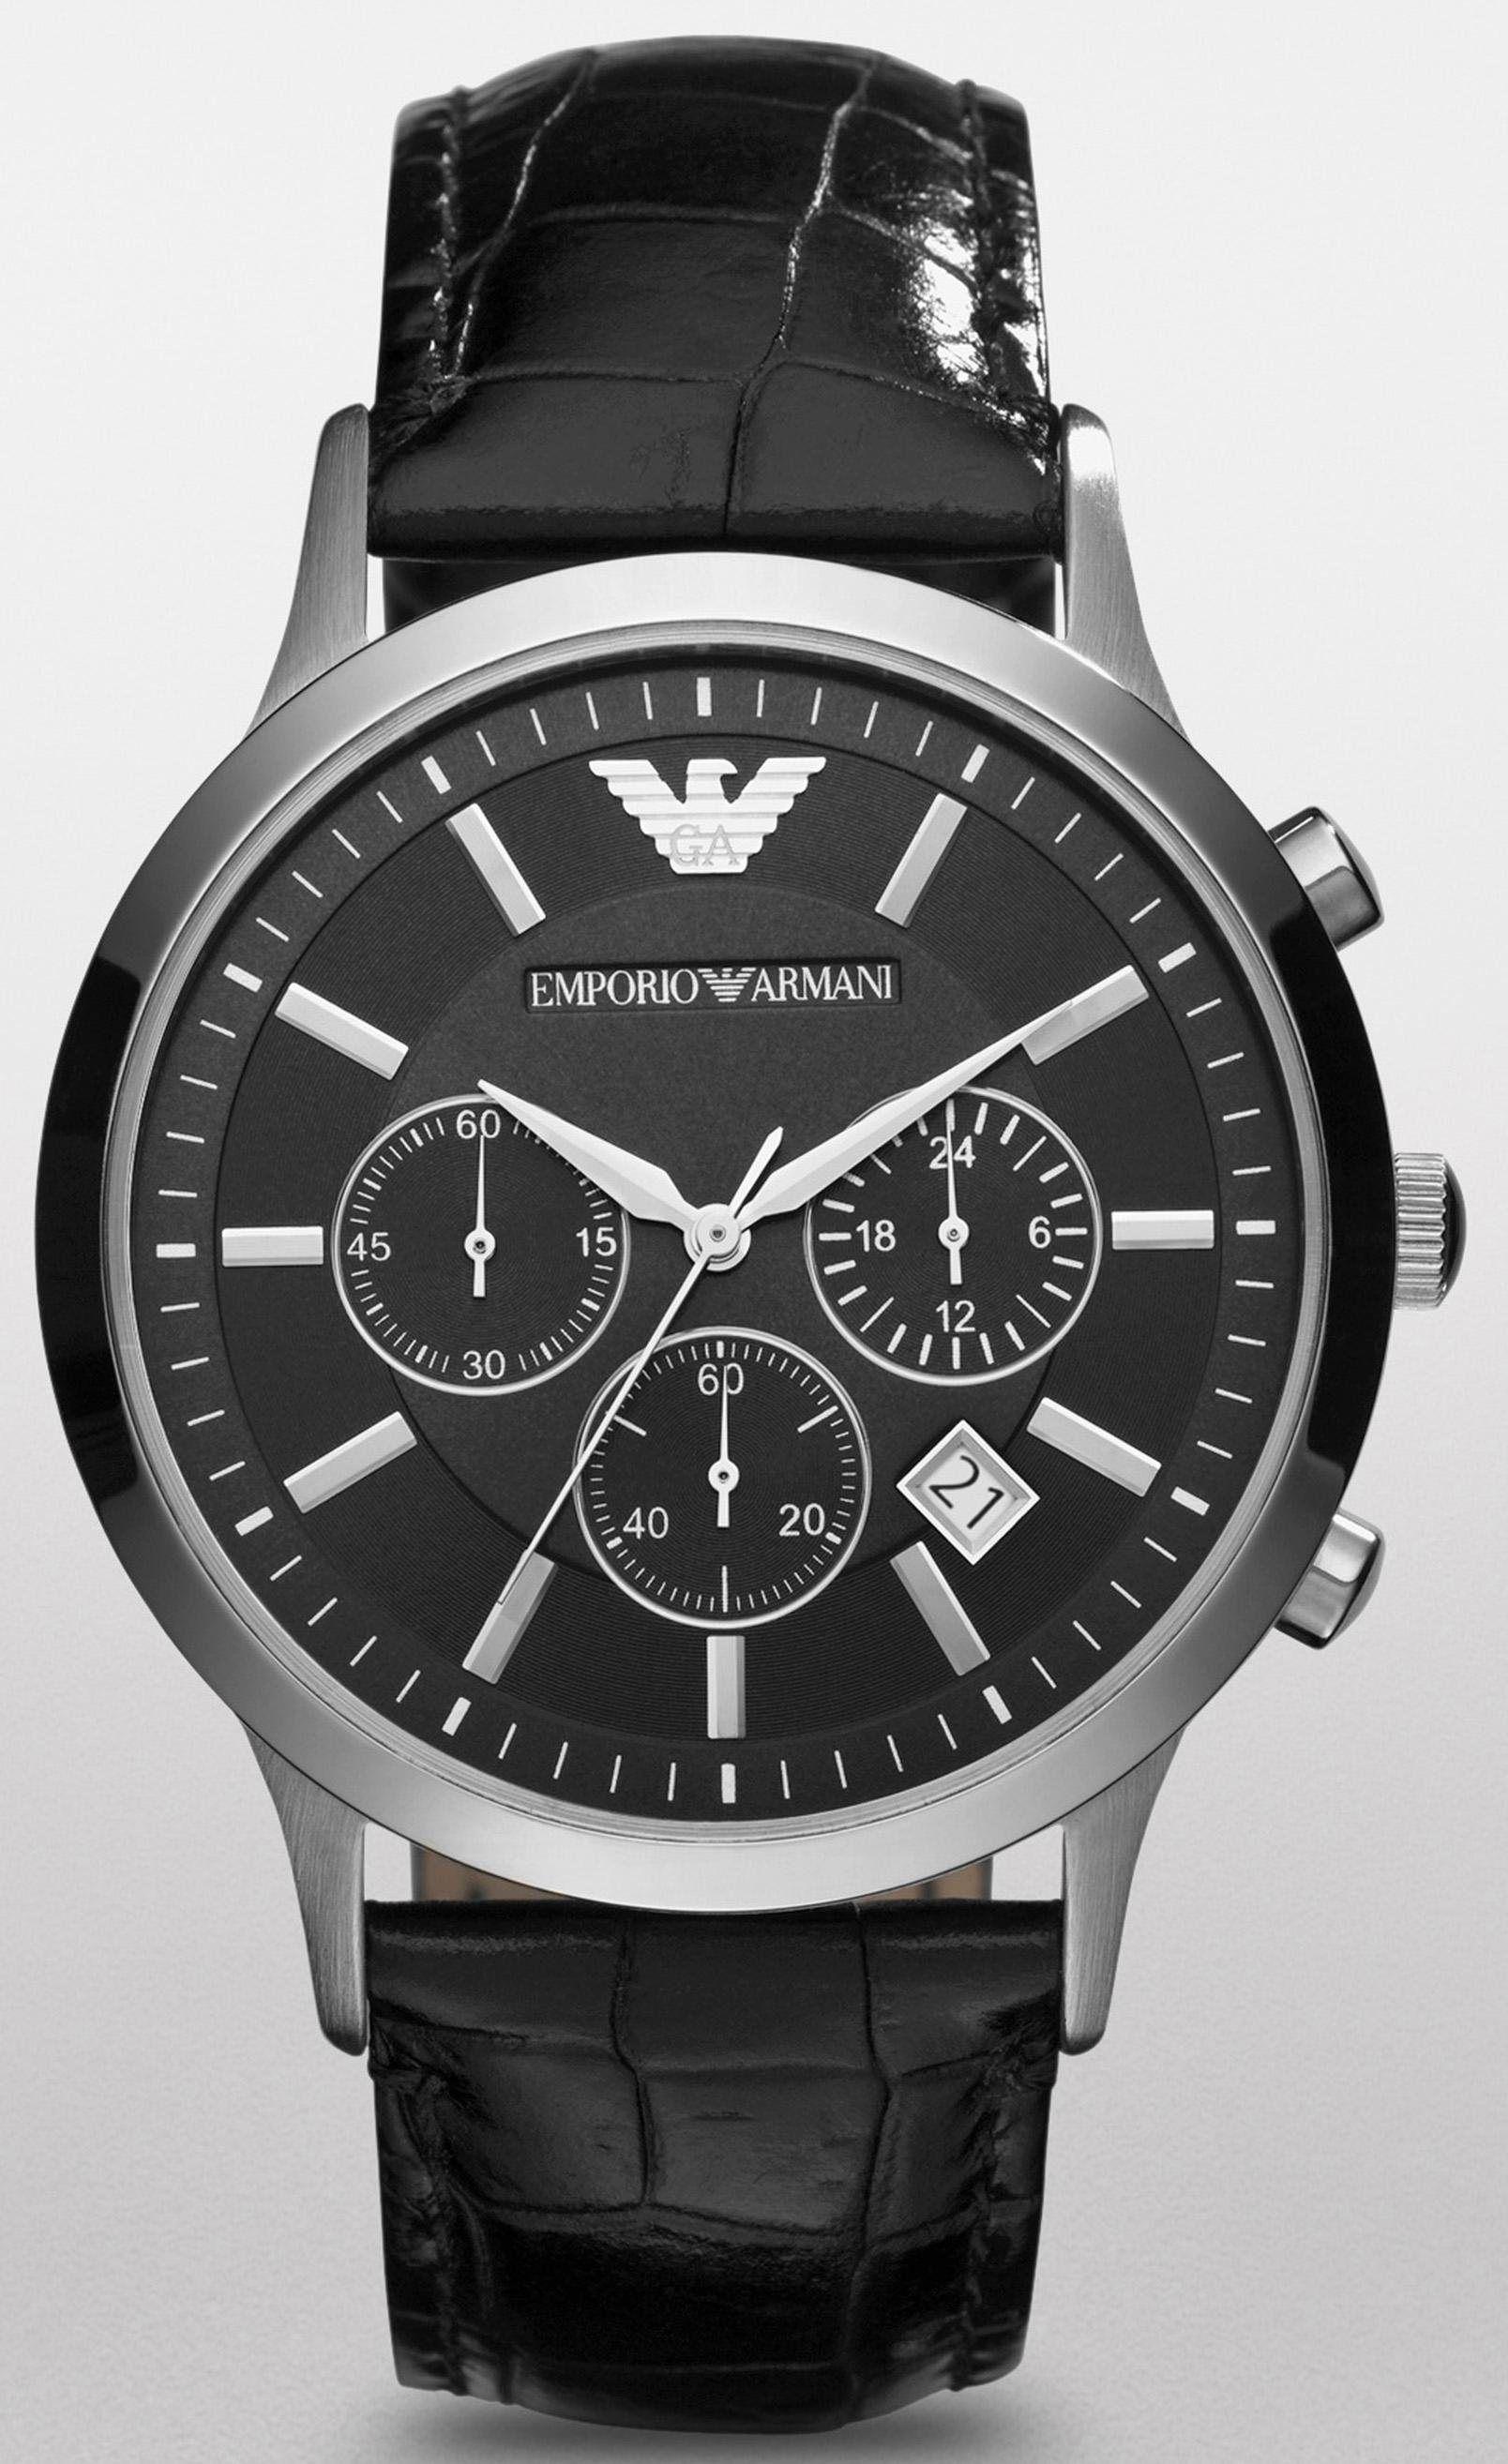 Emporio Armani Chronograph Ar2447 Jetzt Bestellen Unter Https Mode Ladendirekt De Herren Uhren C Armani Watches For Men Armani Watches Black Leather Watch